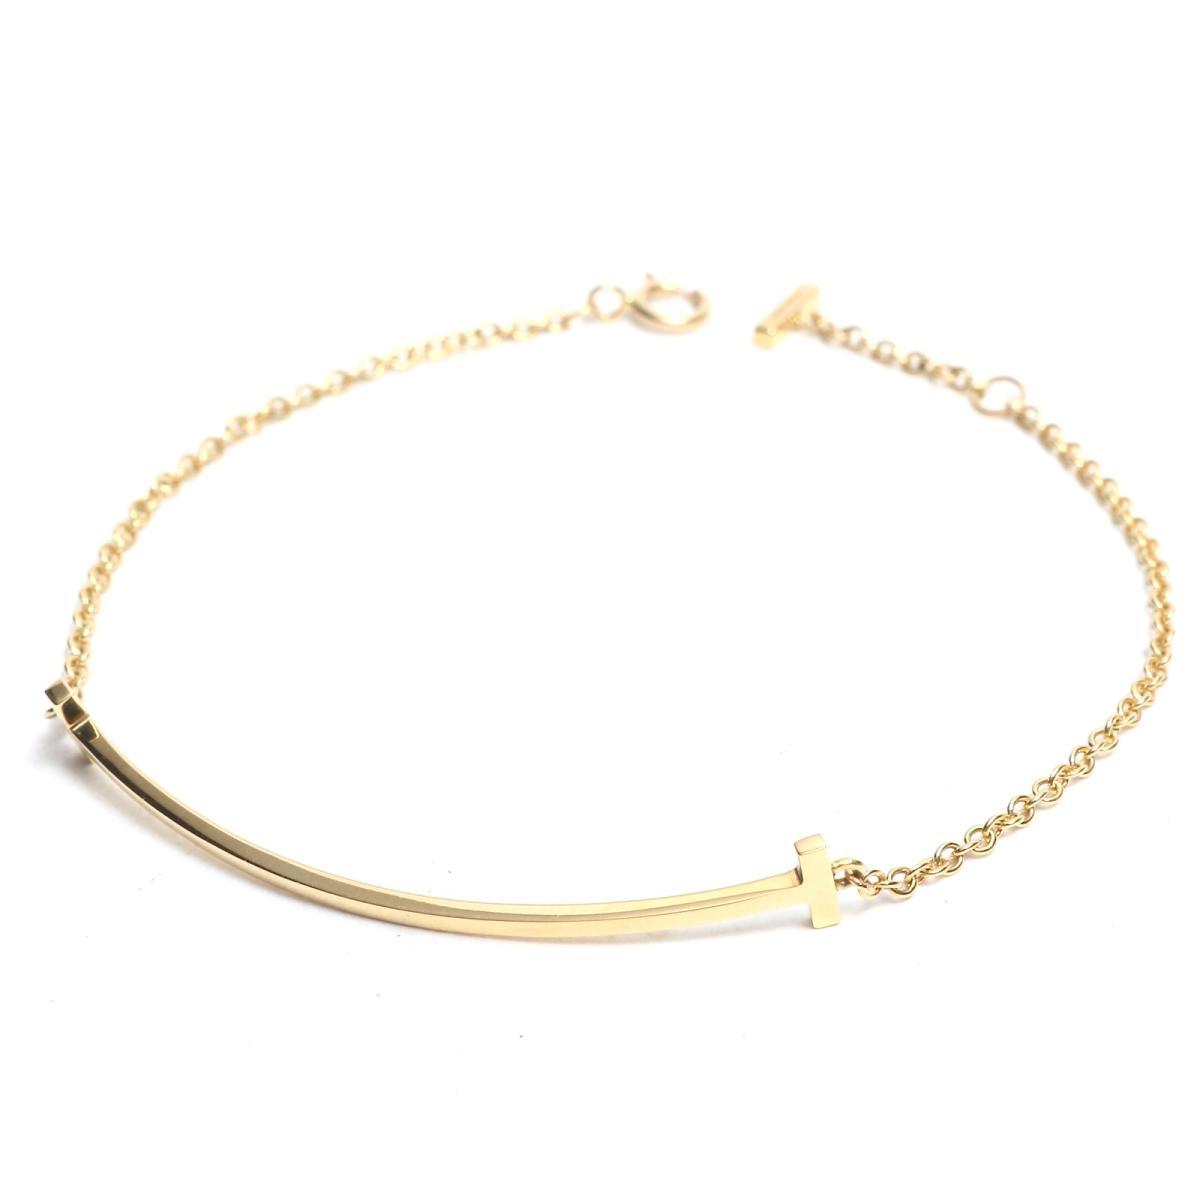 2b813ad5fb722 Tiffany T smile bracelet brand jewelry Lady's K18YG(750) yellow gold